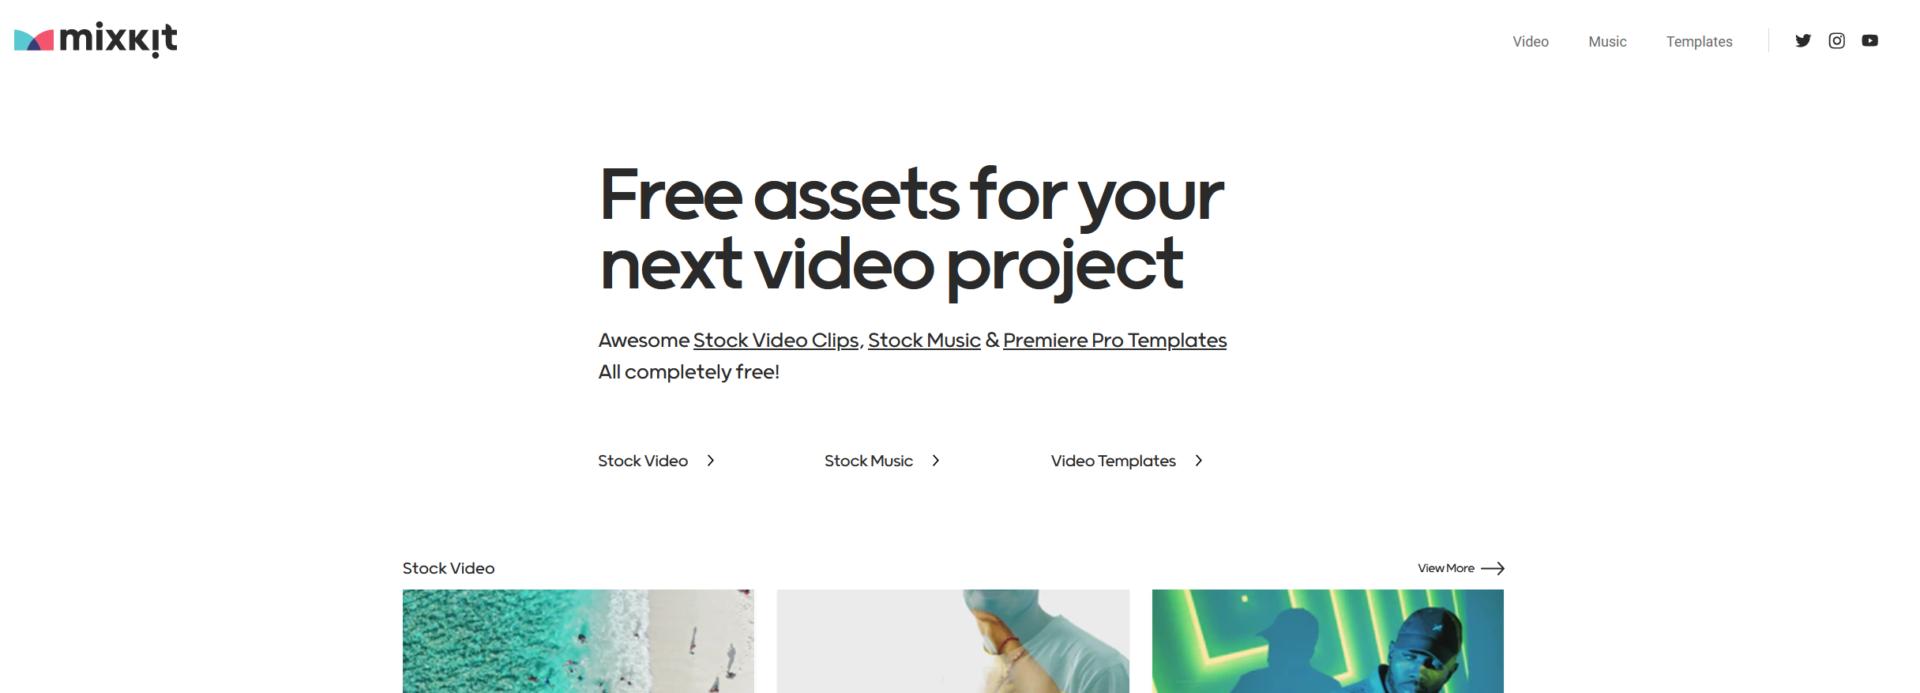 MixKit - ilmaista musiikkia, videoita ja videotemplaatteja